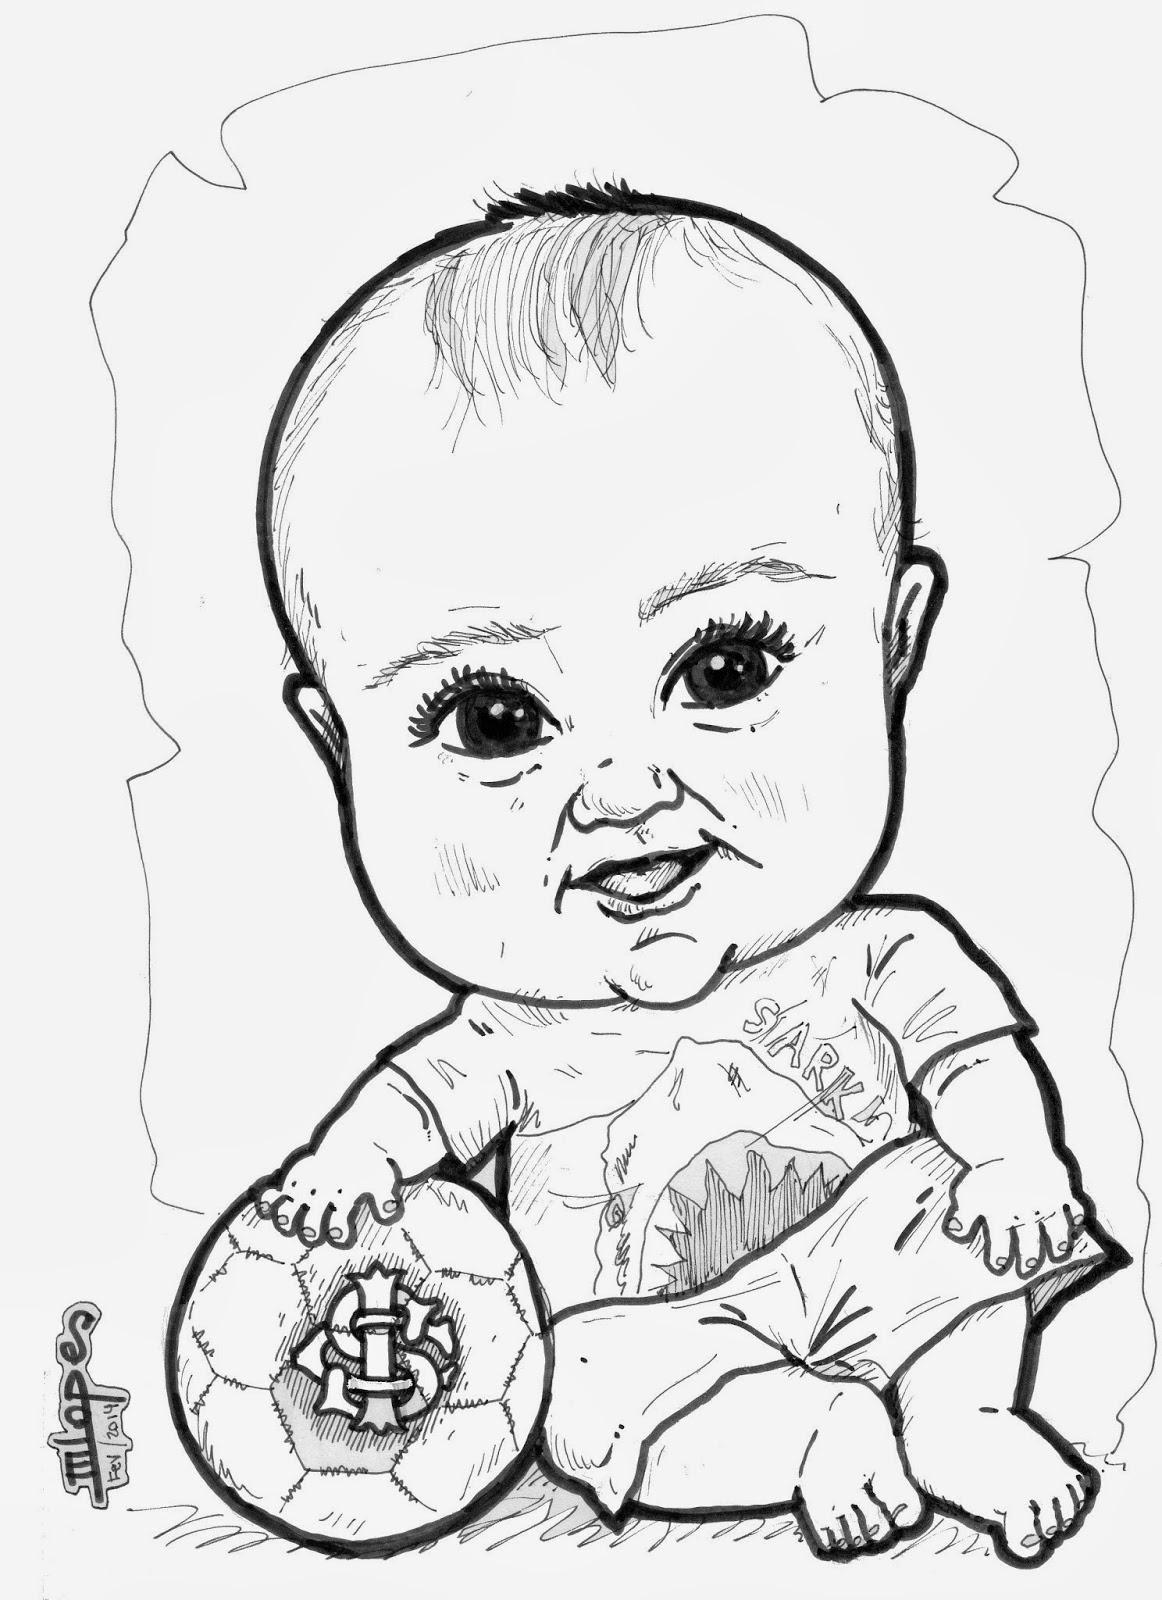 Desenho de bebê realizado pelo Desenhista Marcelo Lopes de Lopes